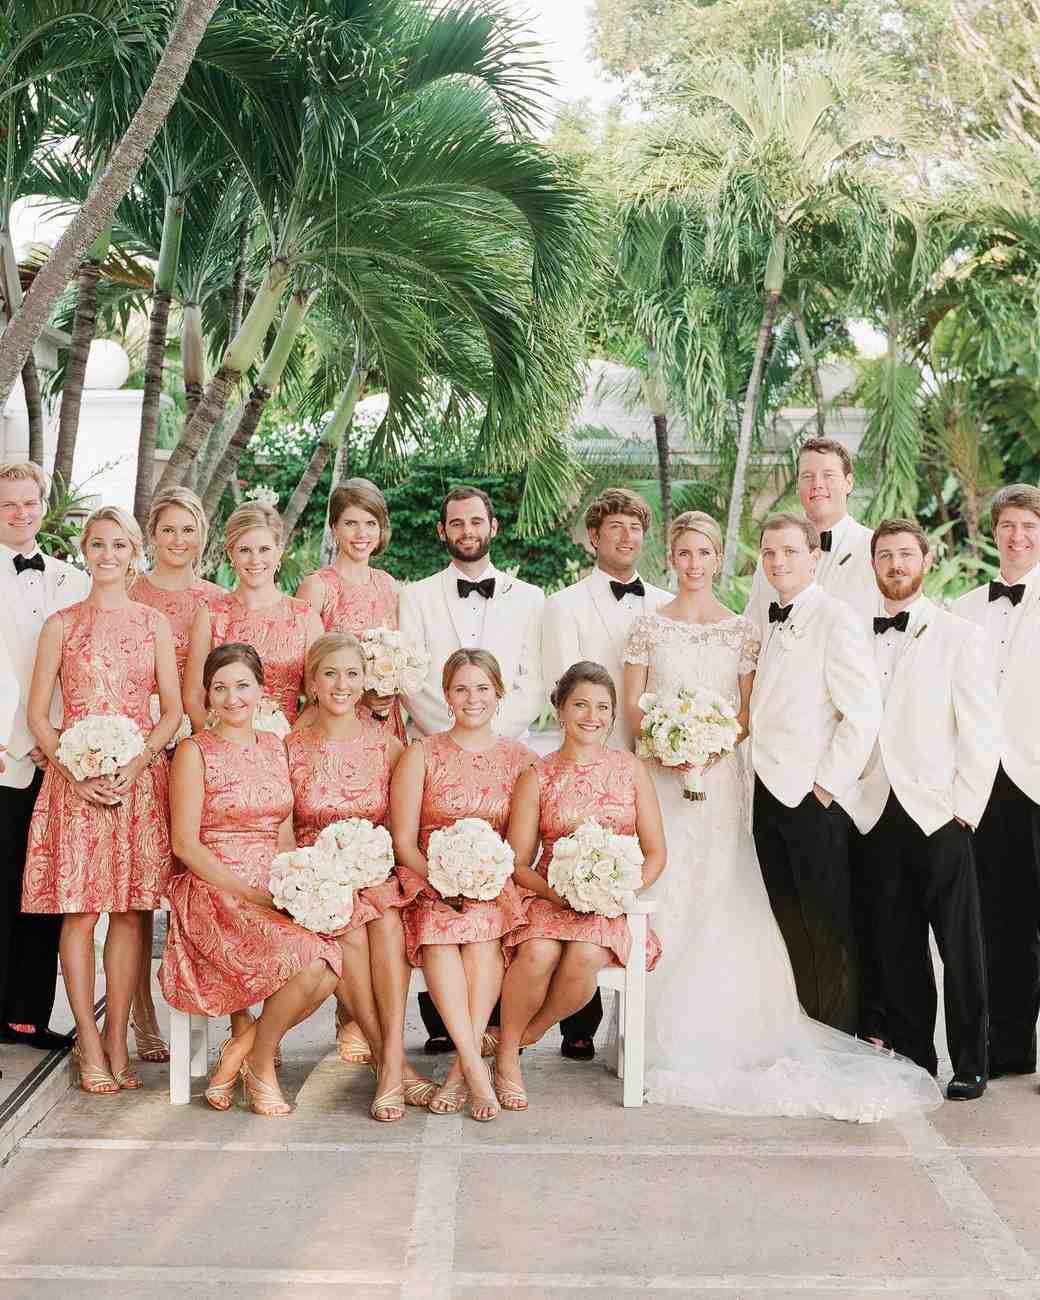 kelsey-casey-real-wedding-bridesmaids-groomsmen.jpg